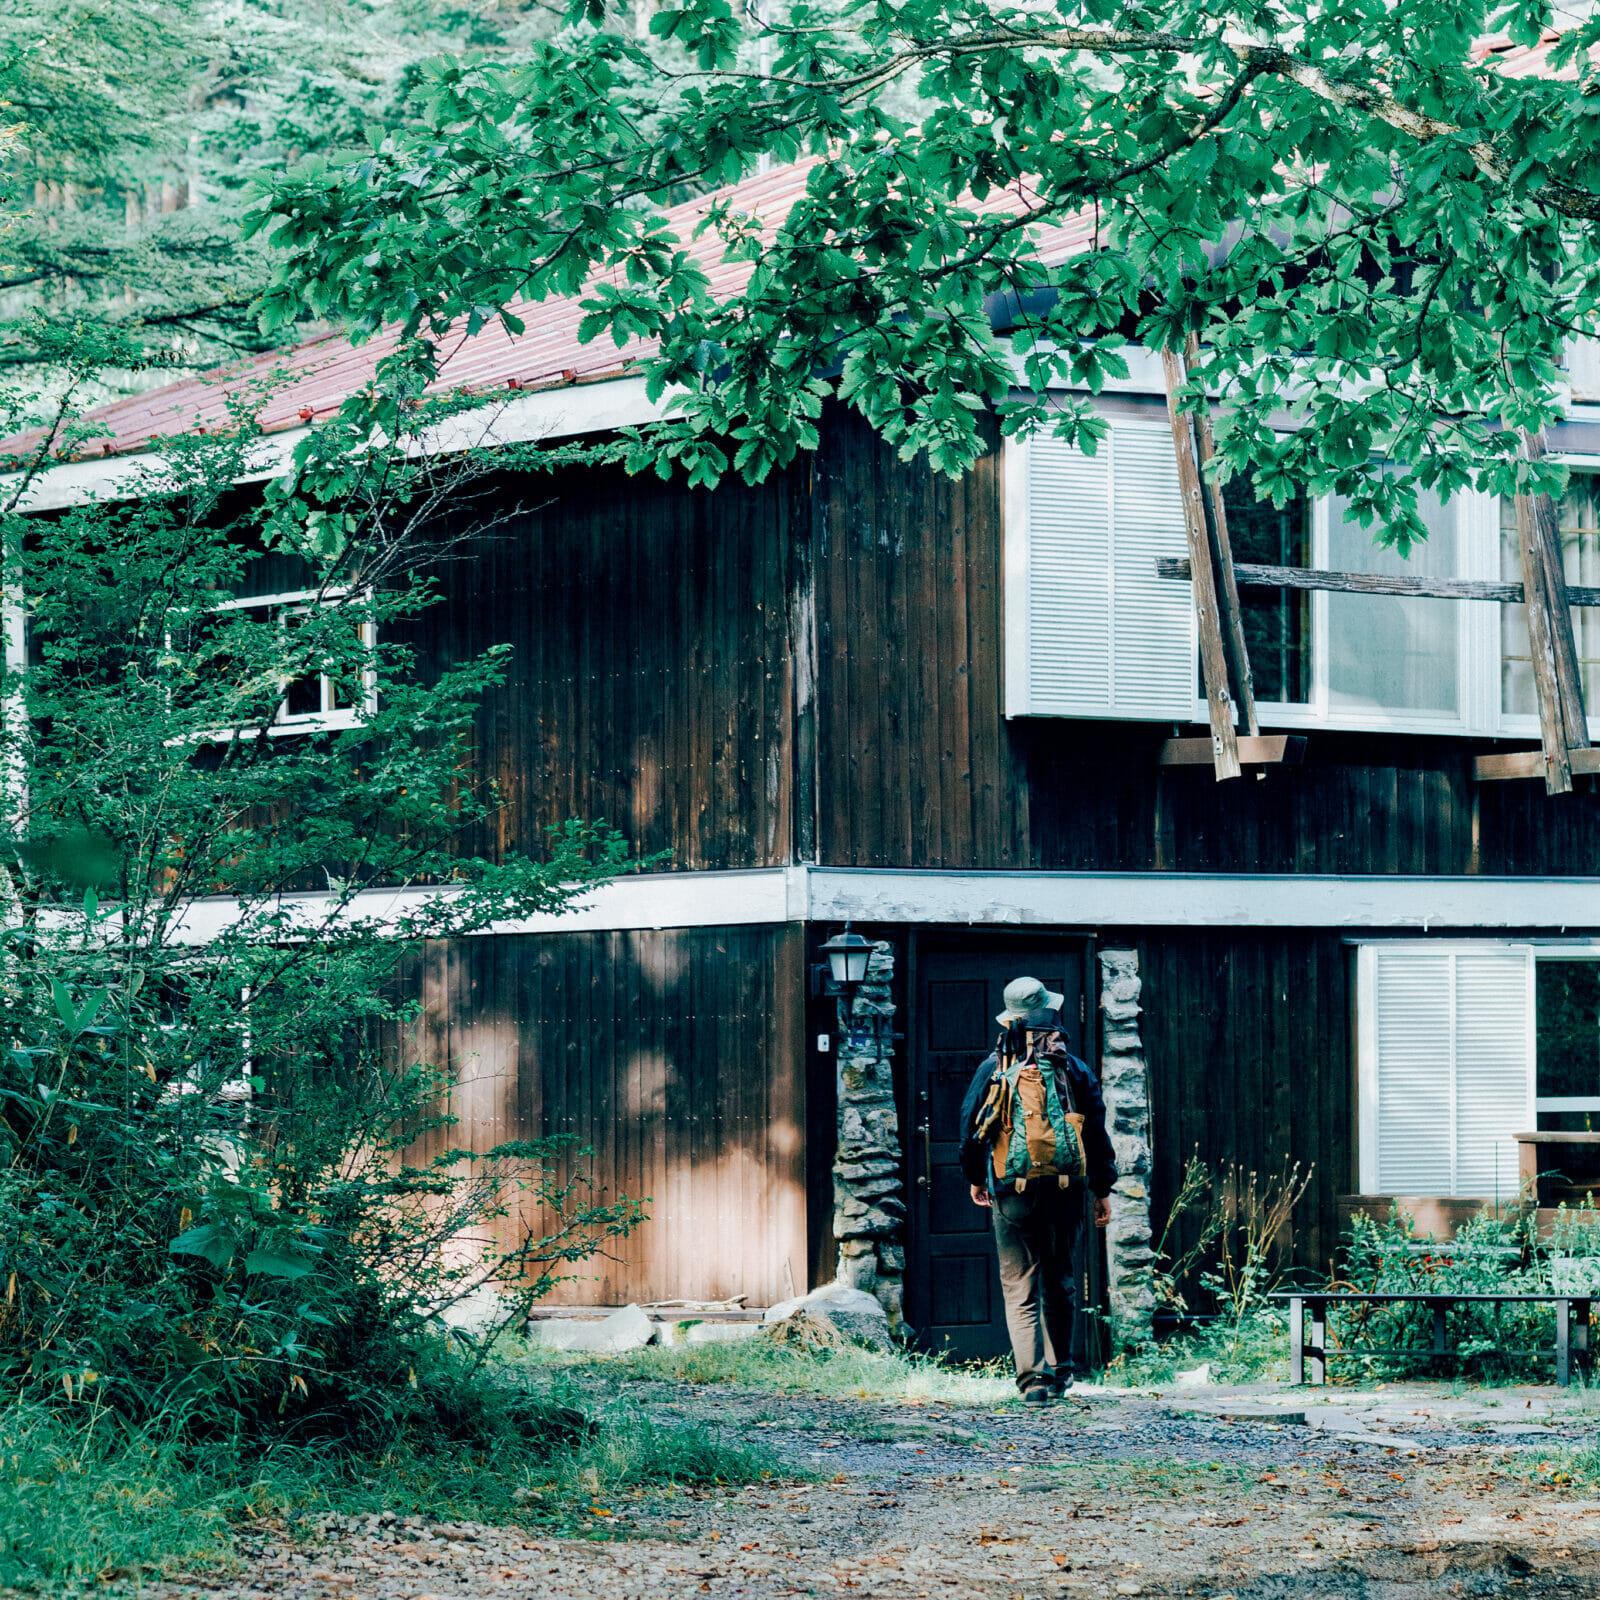 霧ヶ峰の森に佇む山荘、「クヌルプ ヒュッテ」に一泊。